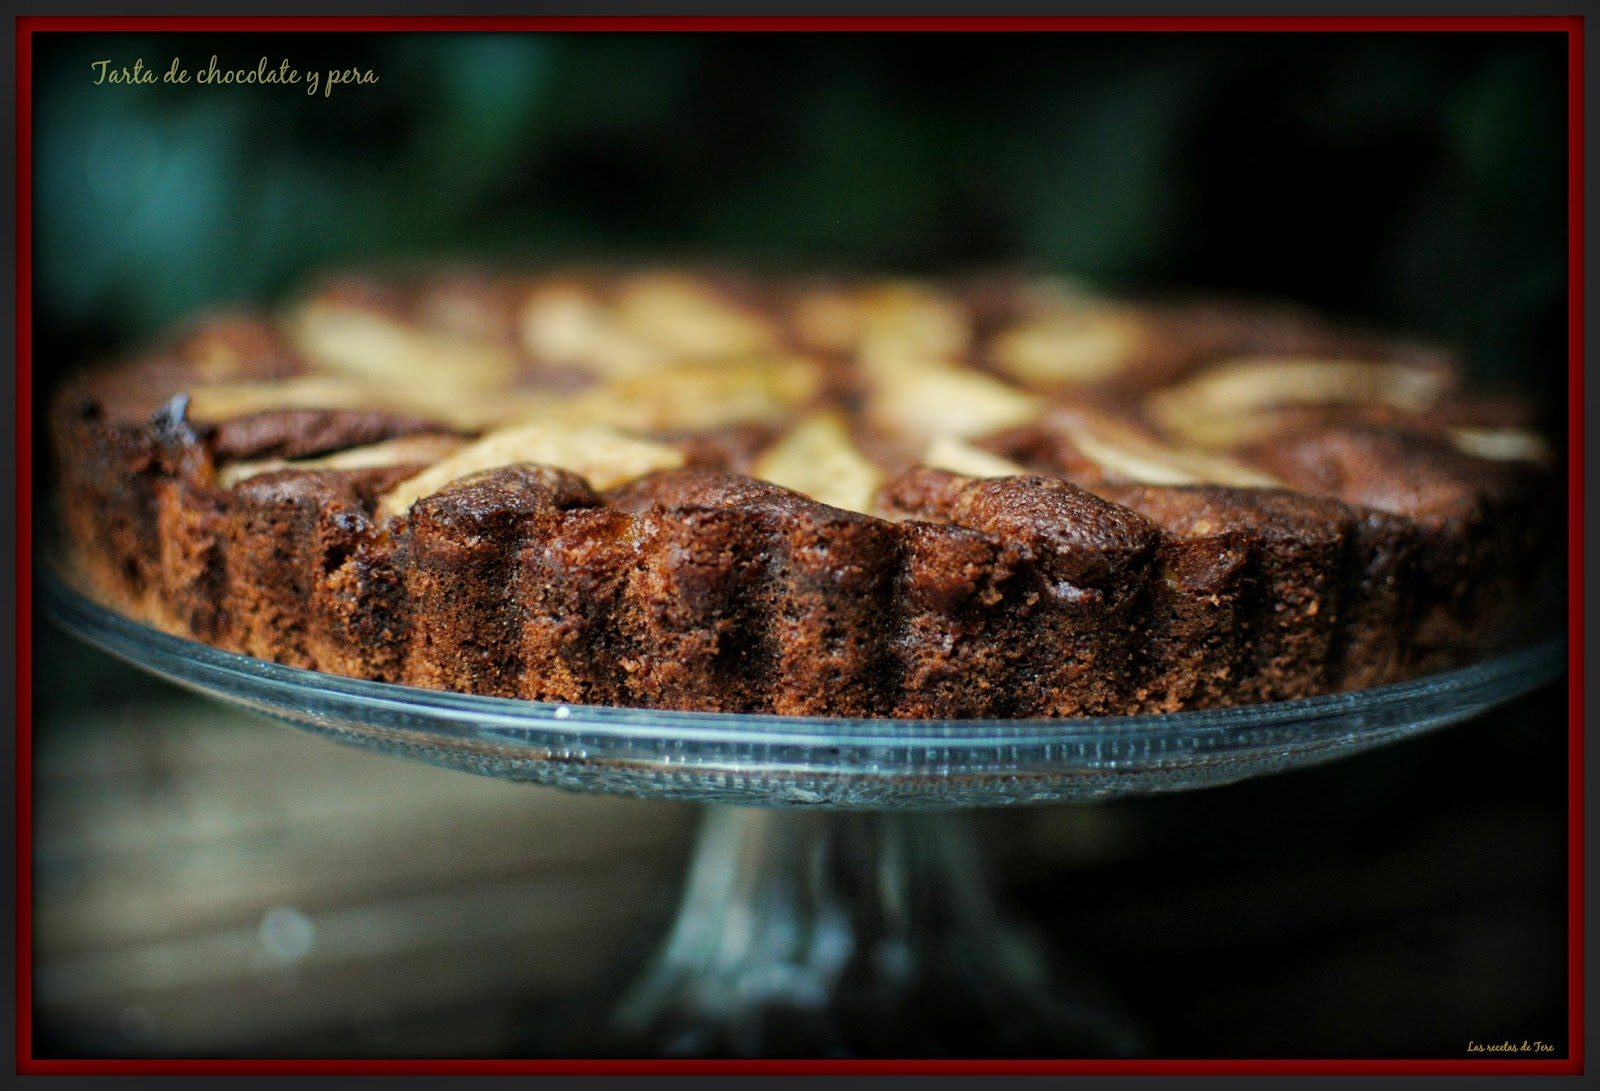 tarta de chocolate y pera tererecetas 01